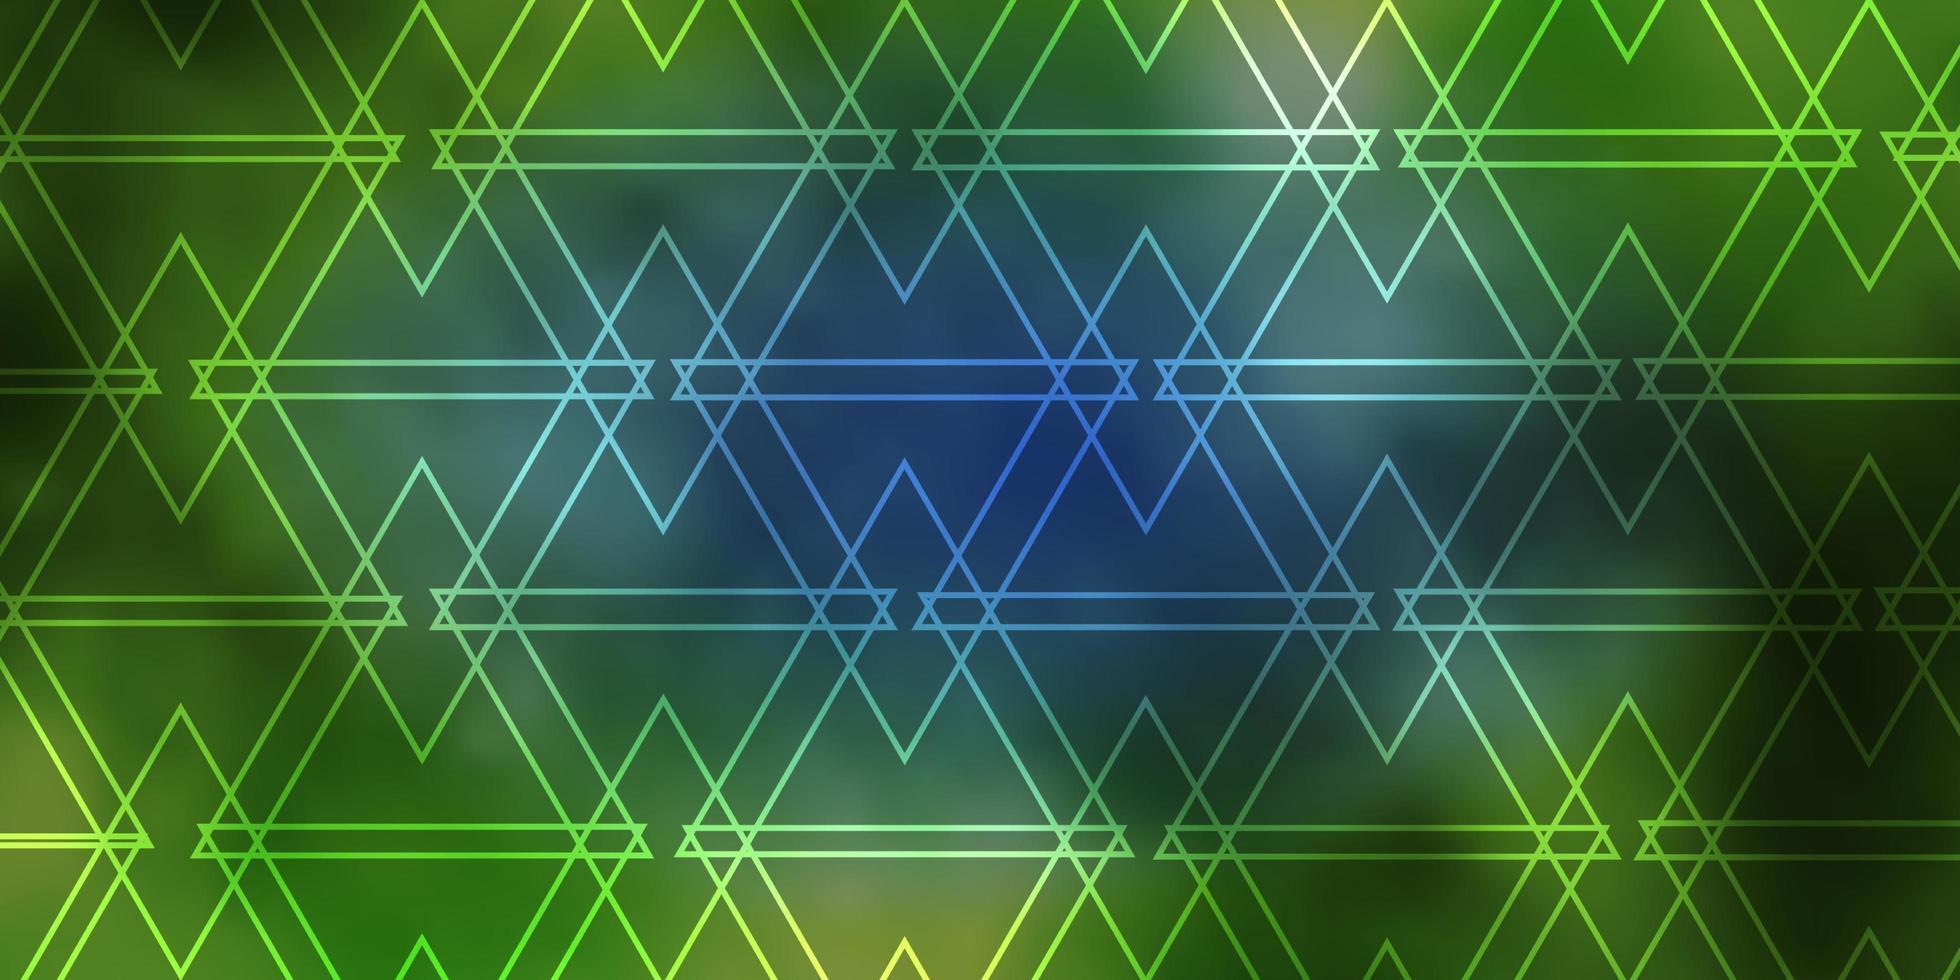 padrão de vetor azul e amarelo claro com estilo poligonal.